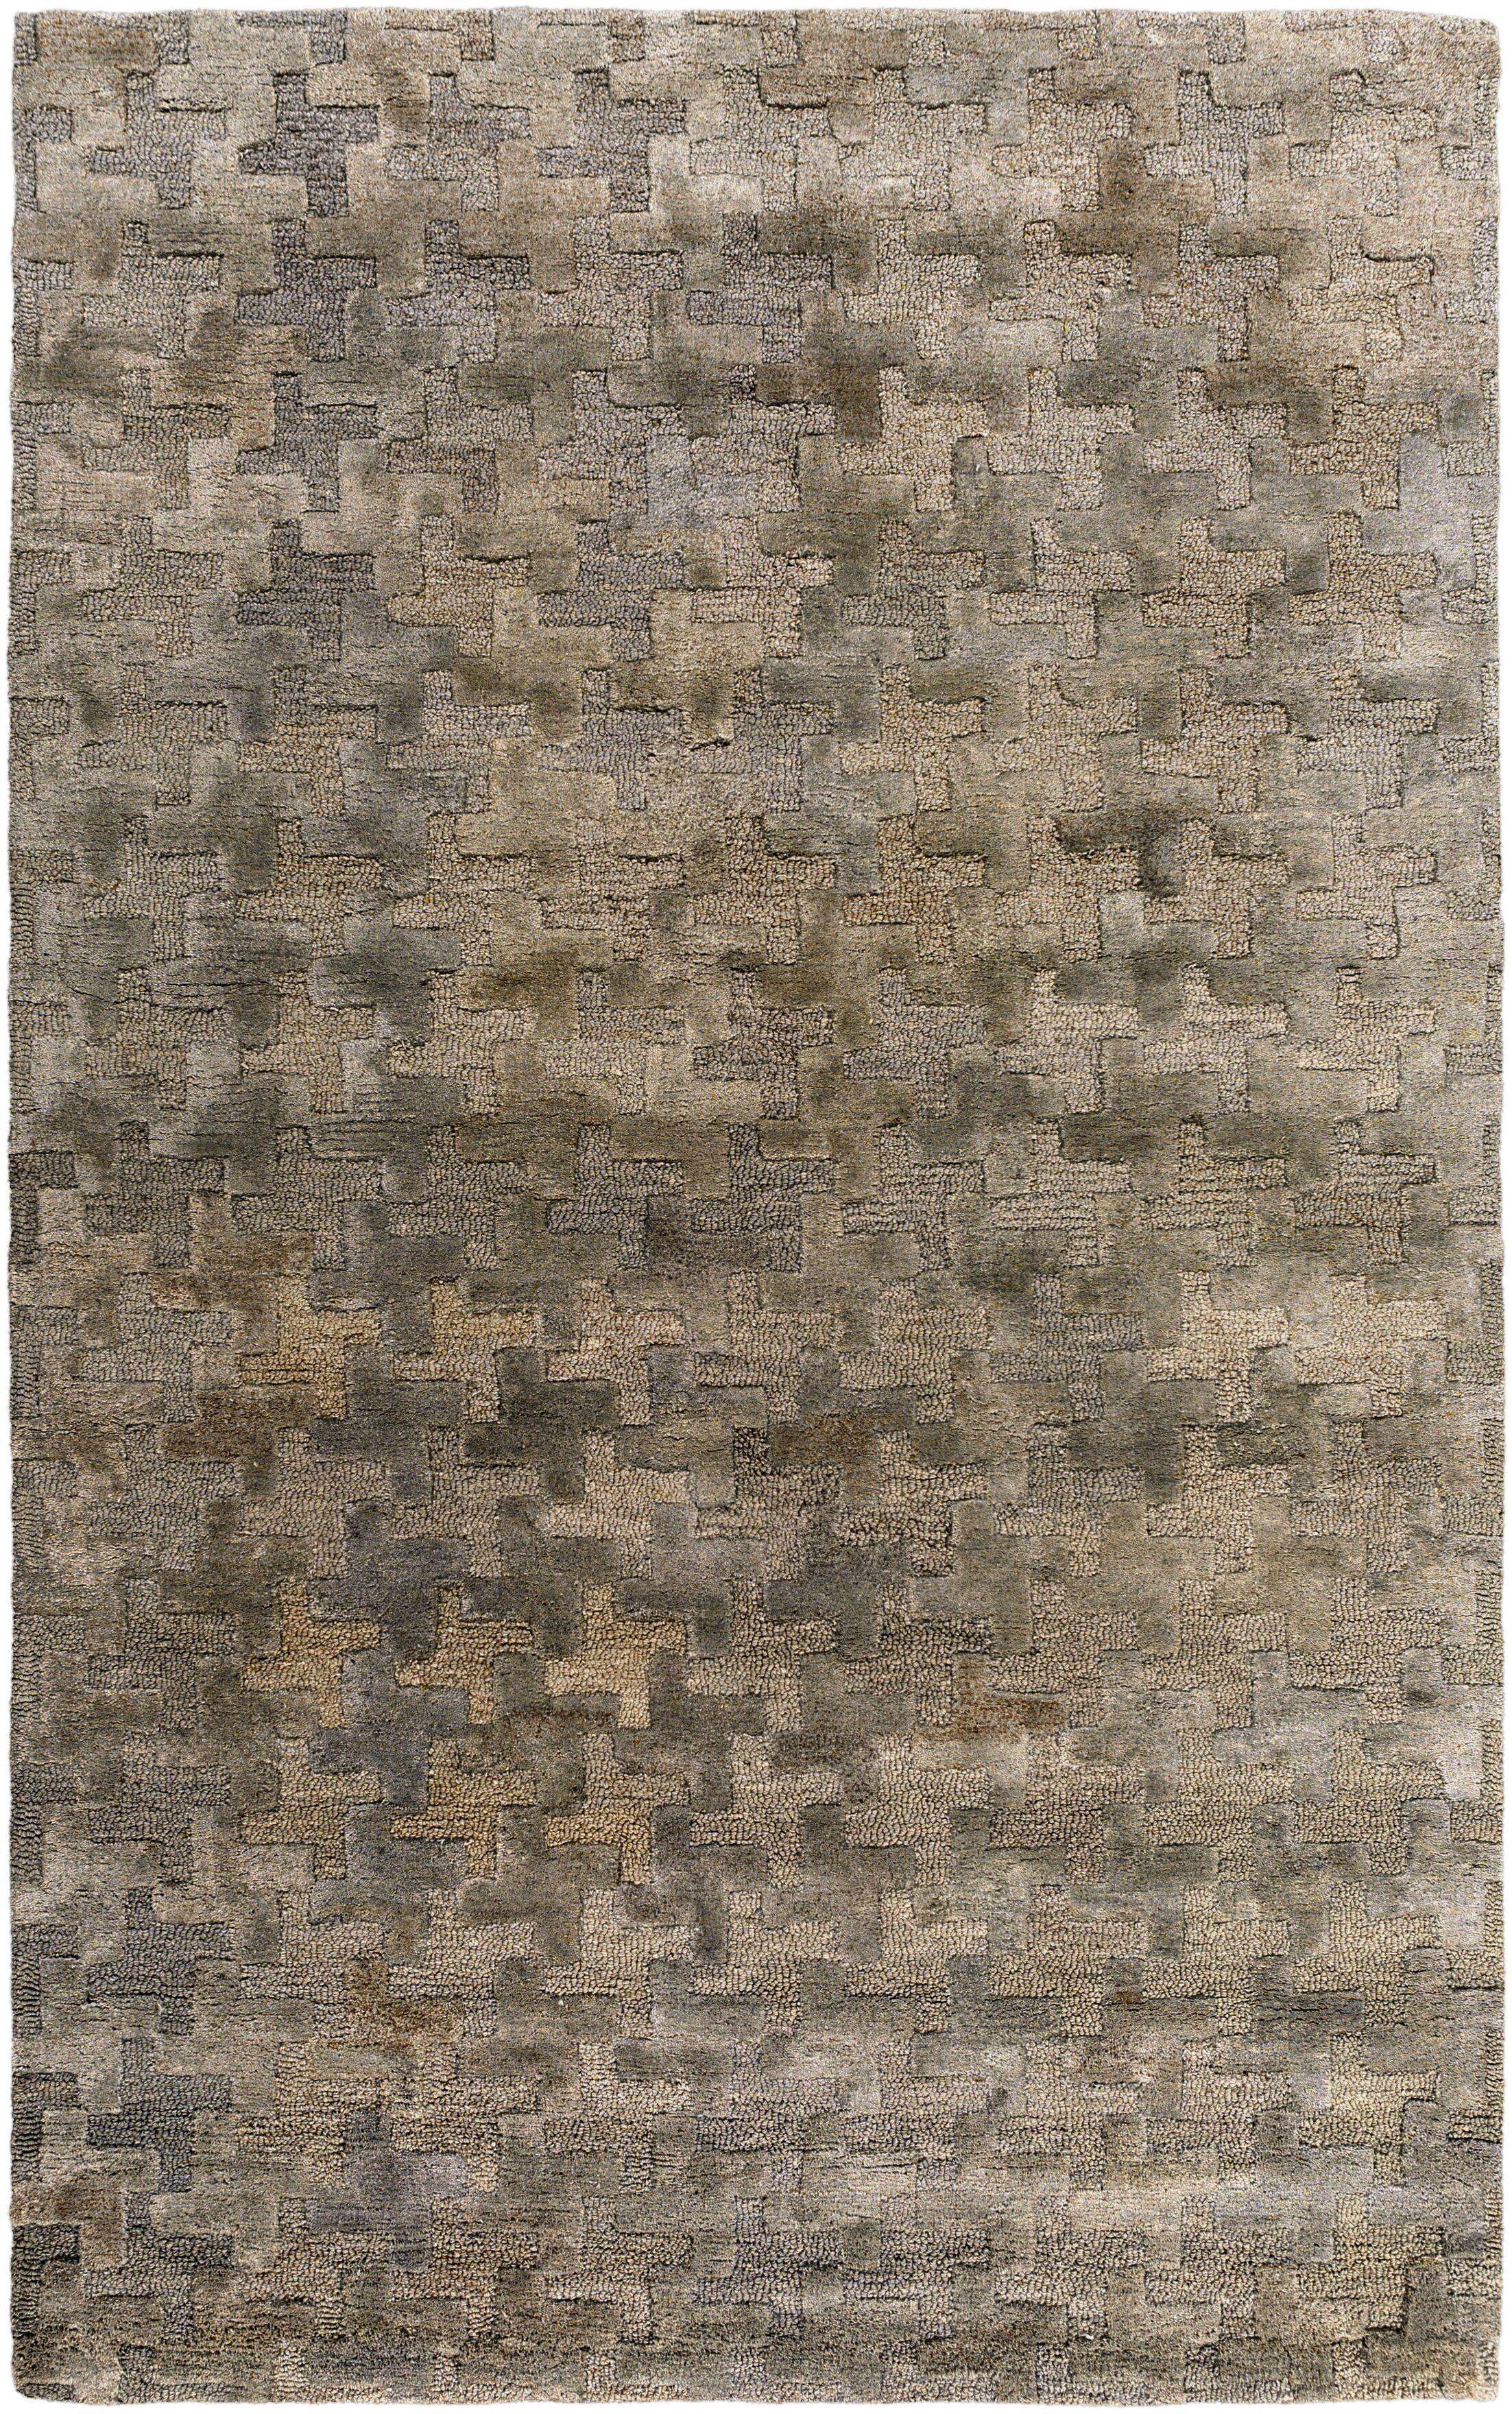 Tobias Hand-Woven Khaki Area Rug Rug Size: Rectangle 3' x 5'